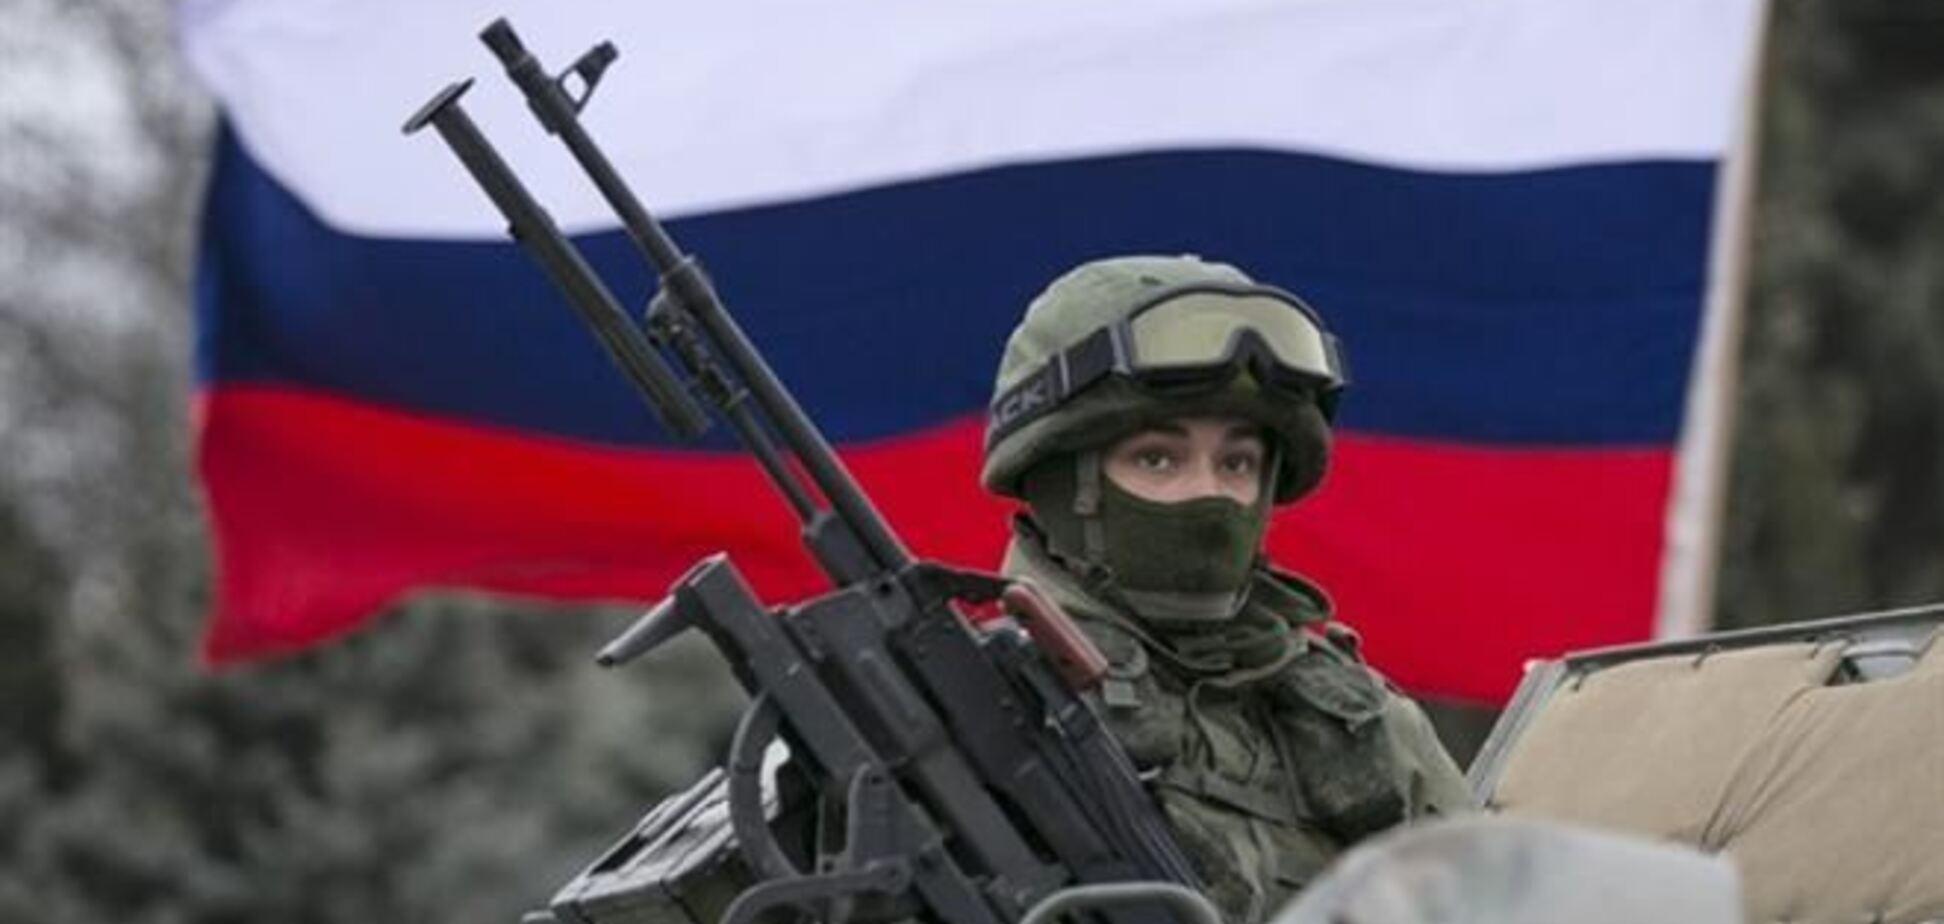 Власти Крыма грозят отключить 'лживые' украинские каналы